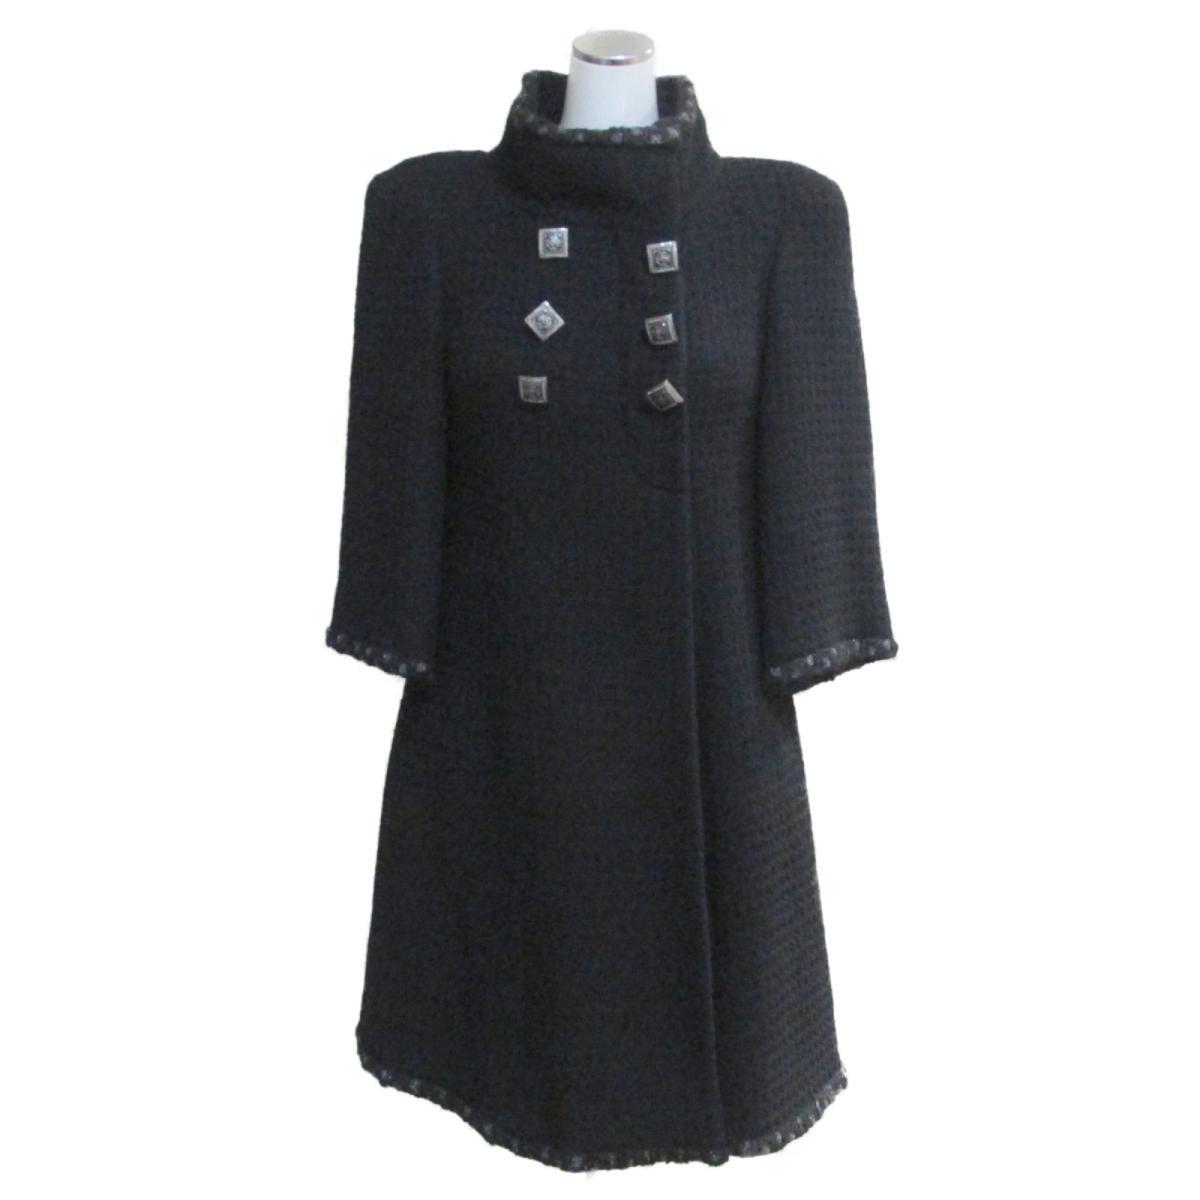 【中古】 シャネル ロングコート レディース ウール100% ブラック (P41578V28654) | CHANEL BRANDOFF ブランドオフ 衣料品 衣類 ブランド アウター ジャケット コート